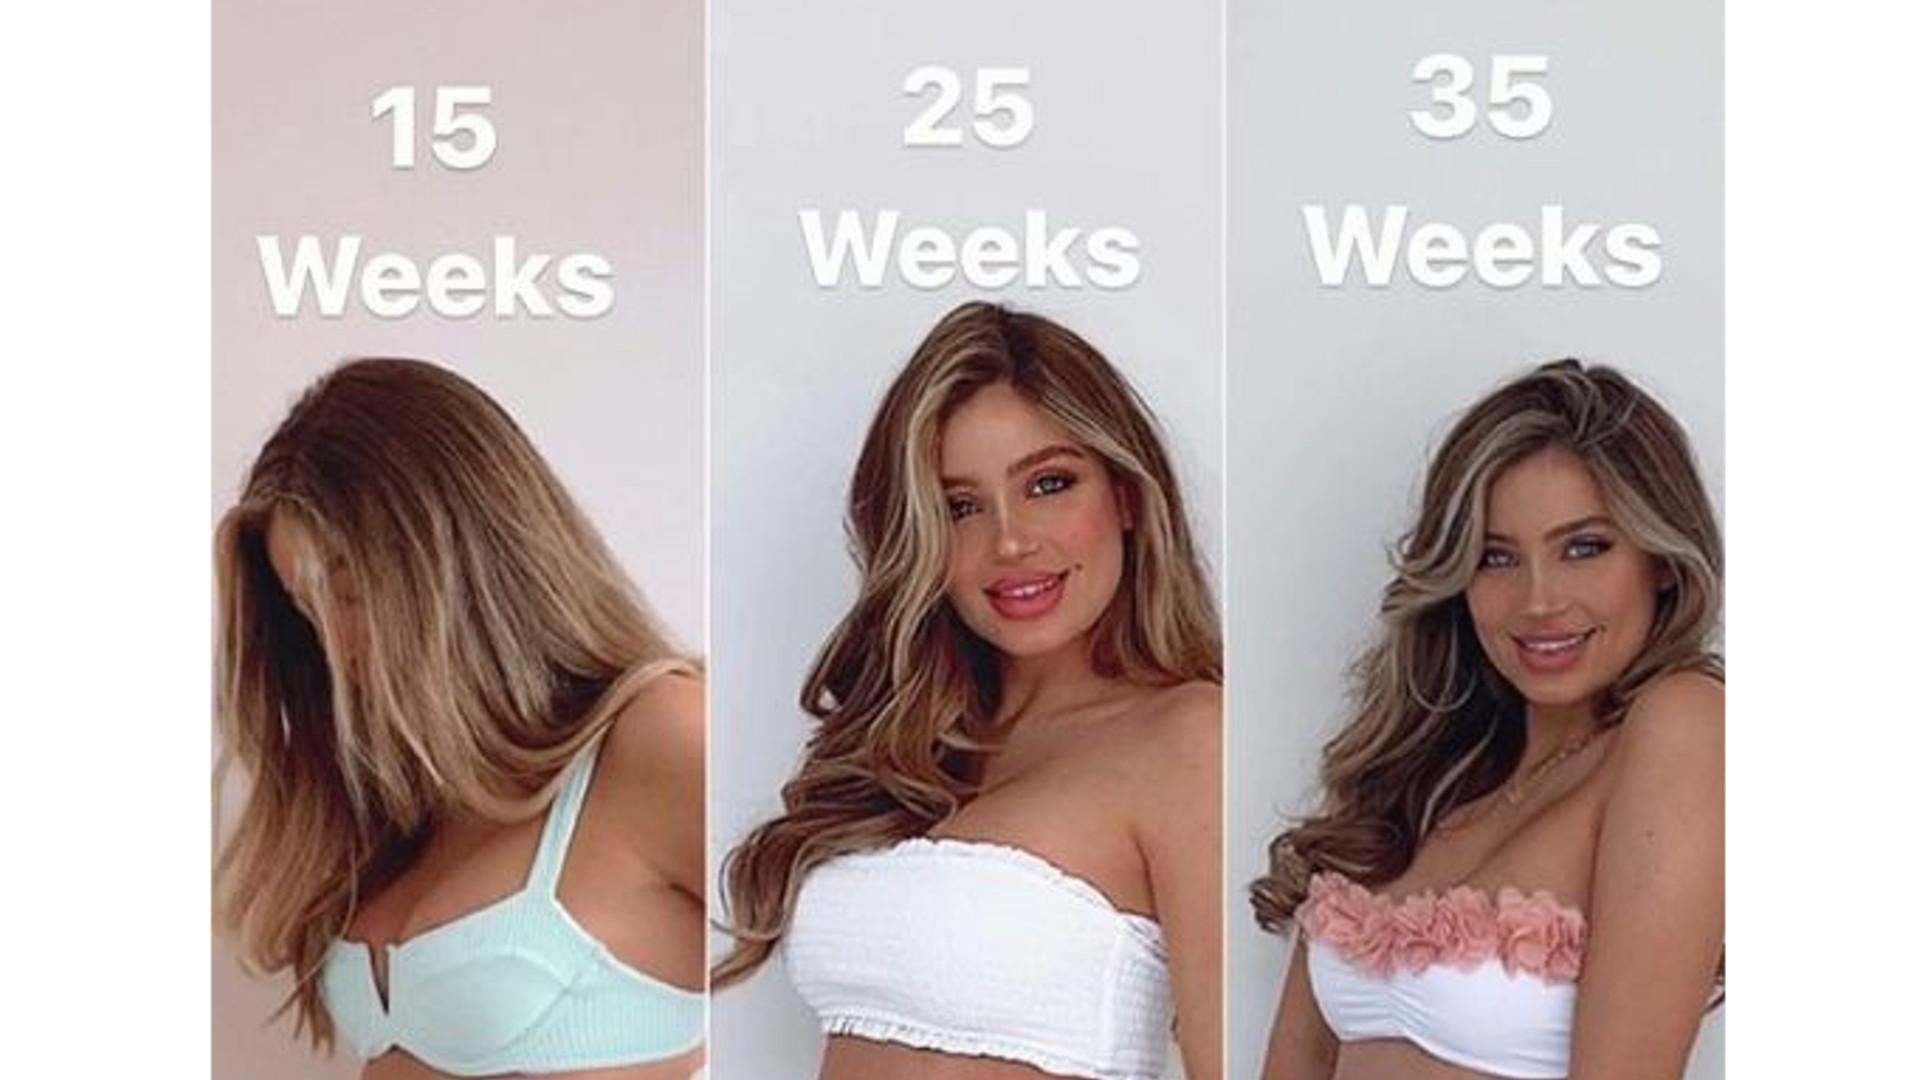 Ludzie NIE WIERZĄ, że ta modelka jest w 35. tygodniu ciąży